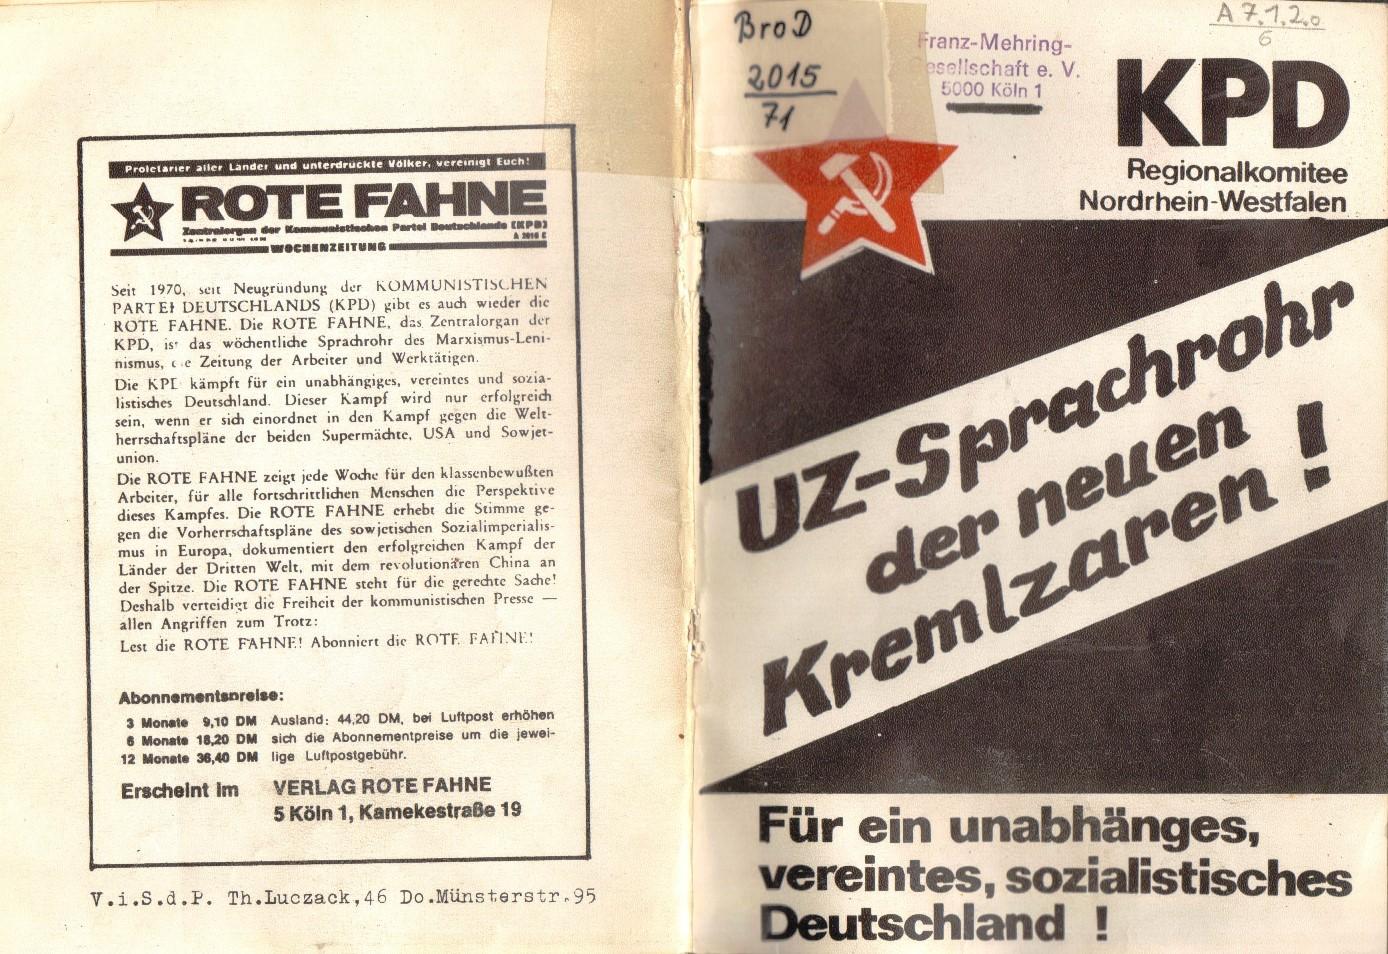 NRW_AO_1975_UZ_Sprachrohr_der_Kremlzaren_01